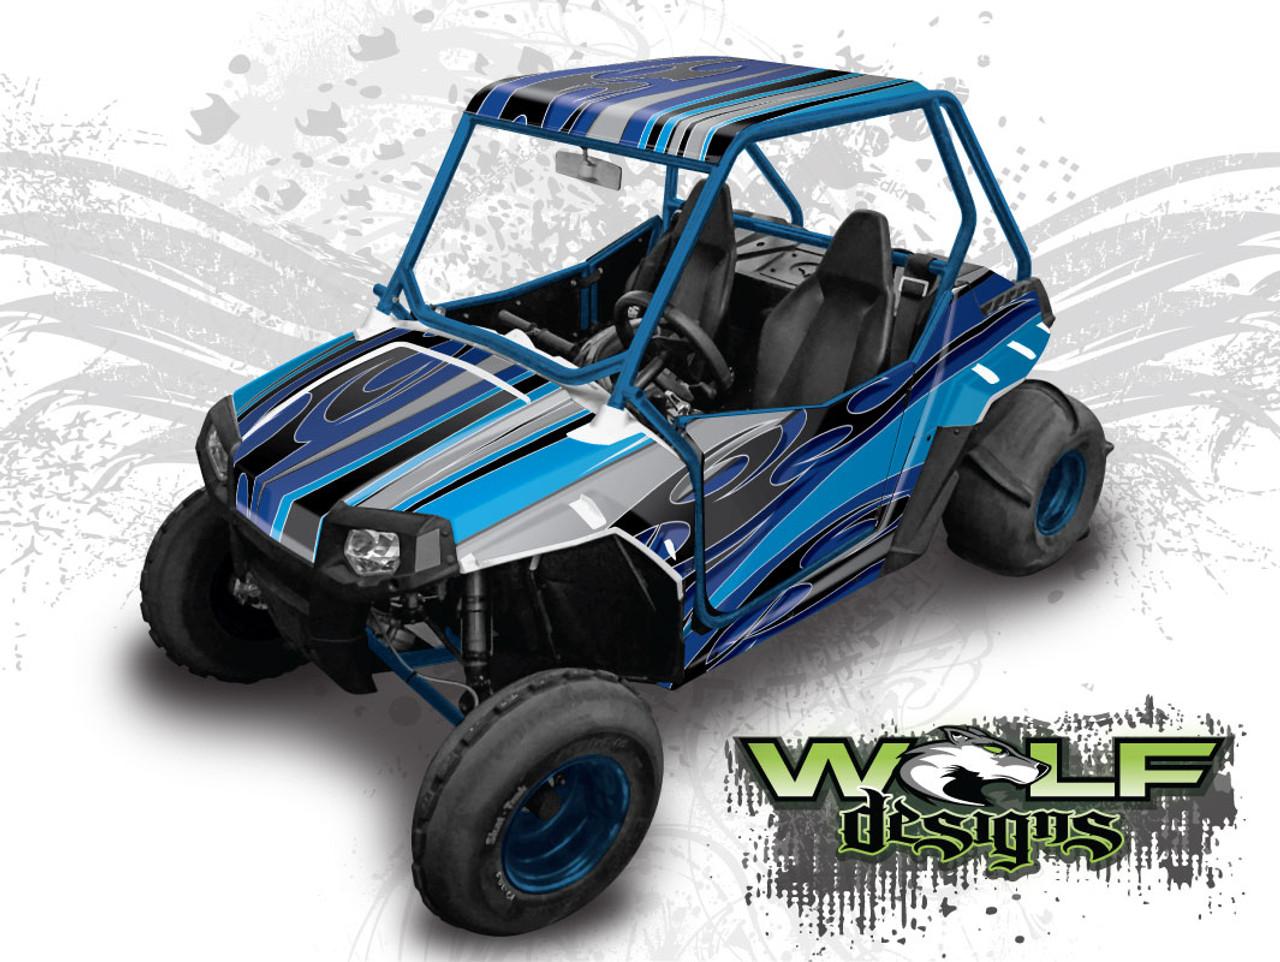 Polaris Razor 170 >> Wd Rzr170 003 Polaris Rzr 170 Utv Wrap Kit Extreme Plus Kit Shown